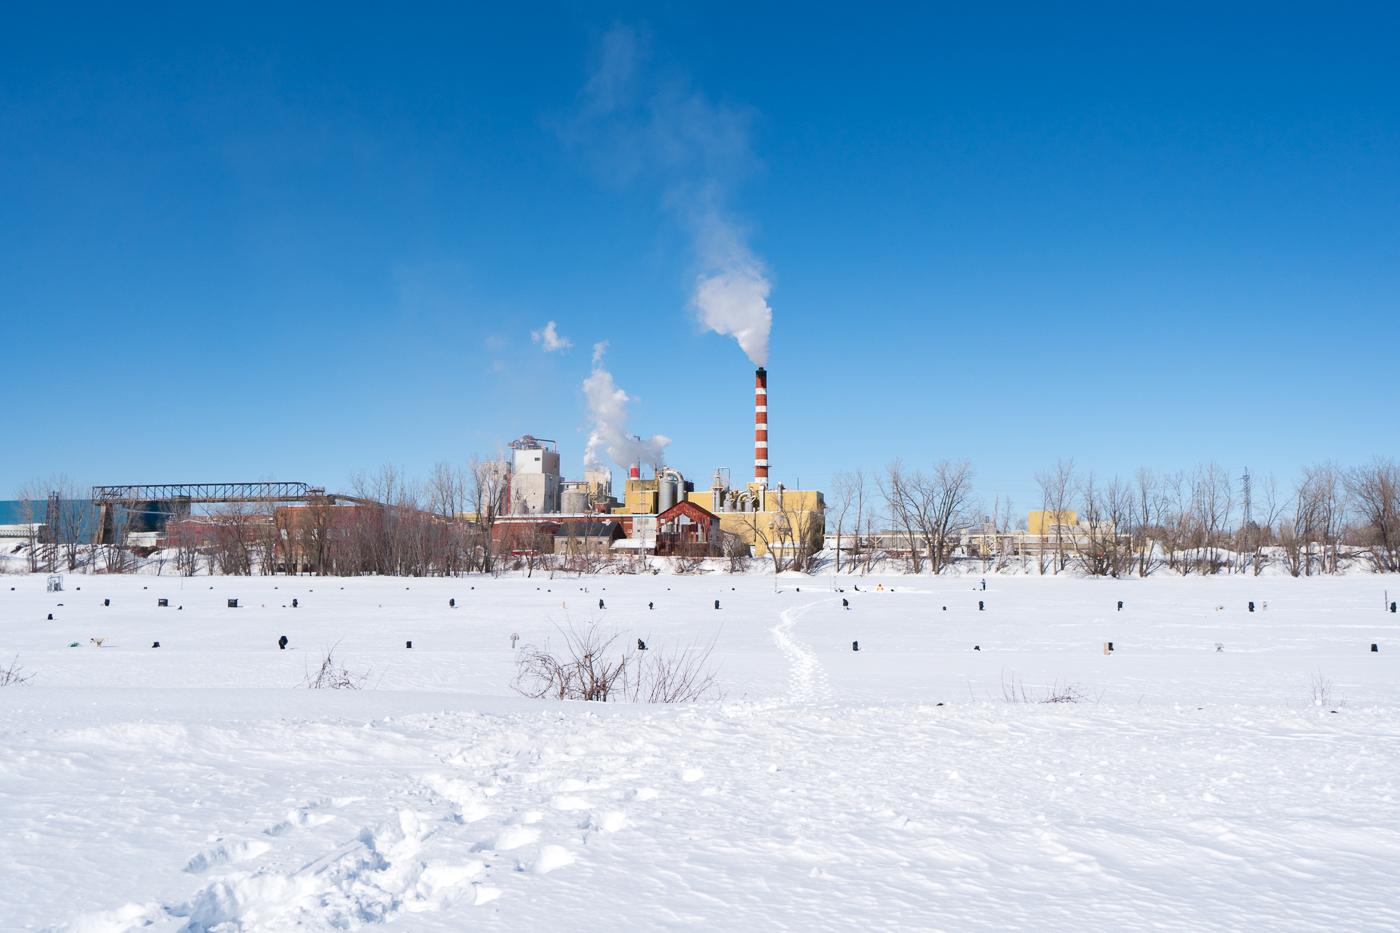 Usine et panorama de Trois-Rivières, Québec